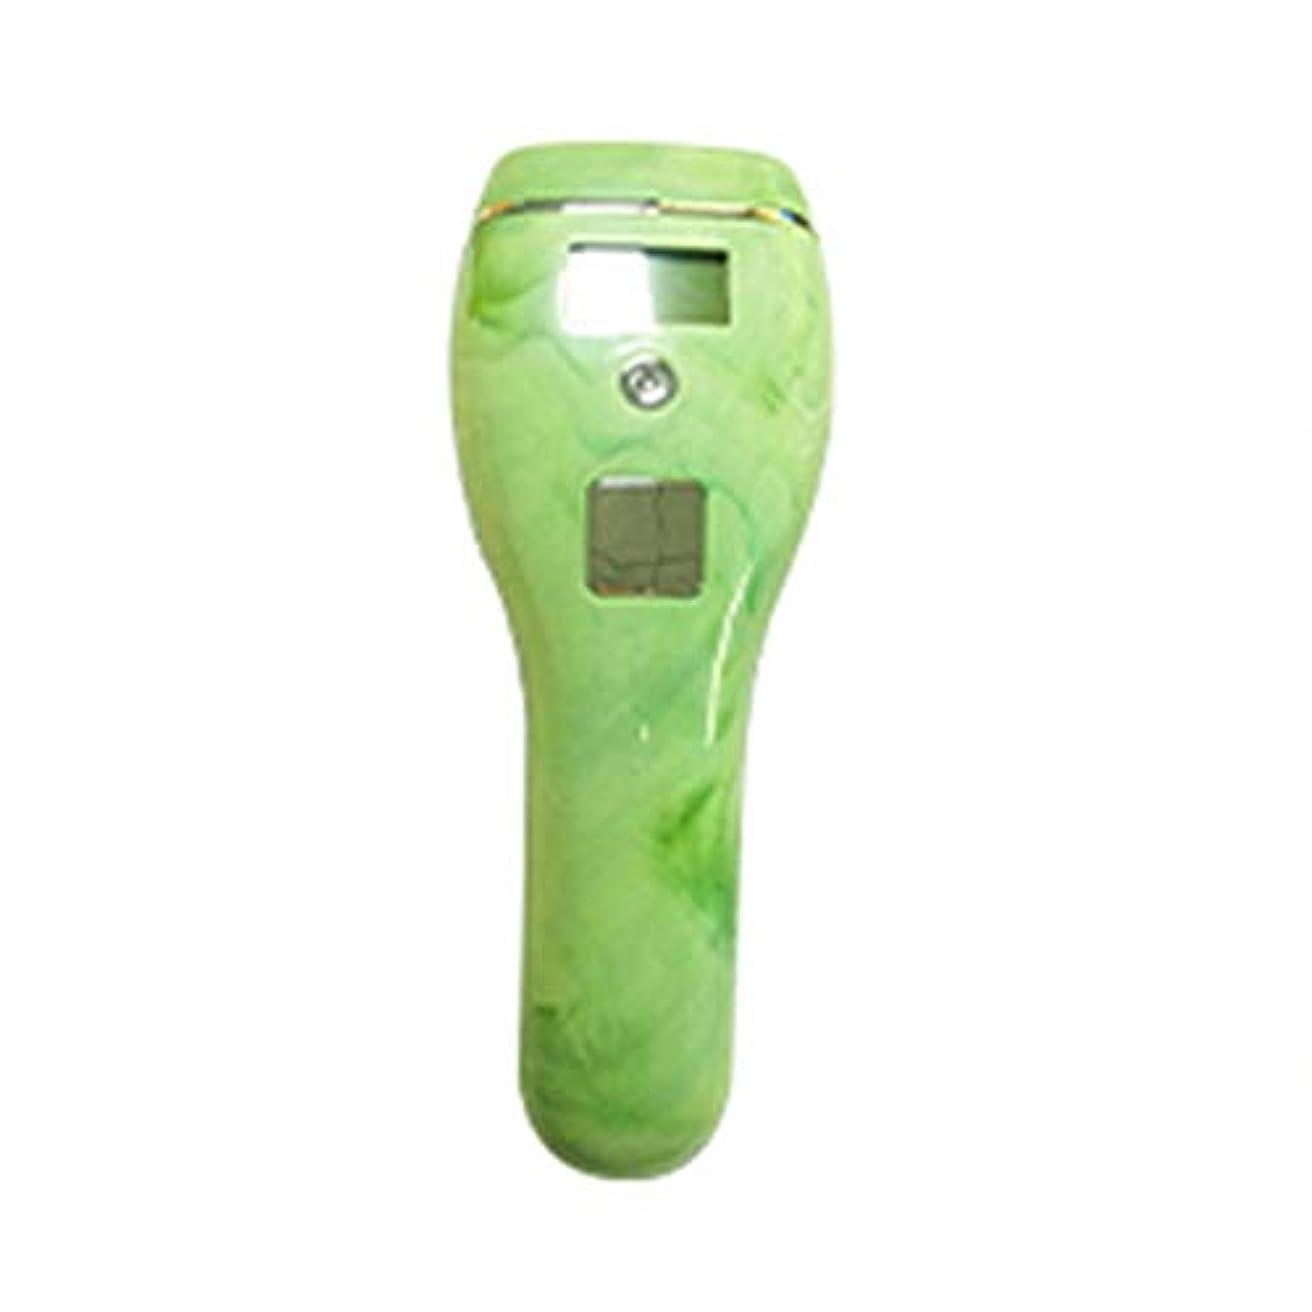 稼ぐ女優病気の自動肌のカラーセンシング、グリーン、5速調整、クォーツチューブ、携帯用痛みのない全身凍結乾燥用除湿器、サイズ19x7x5cm 髪以外はきれい (Color : Green)